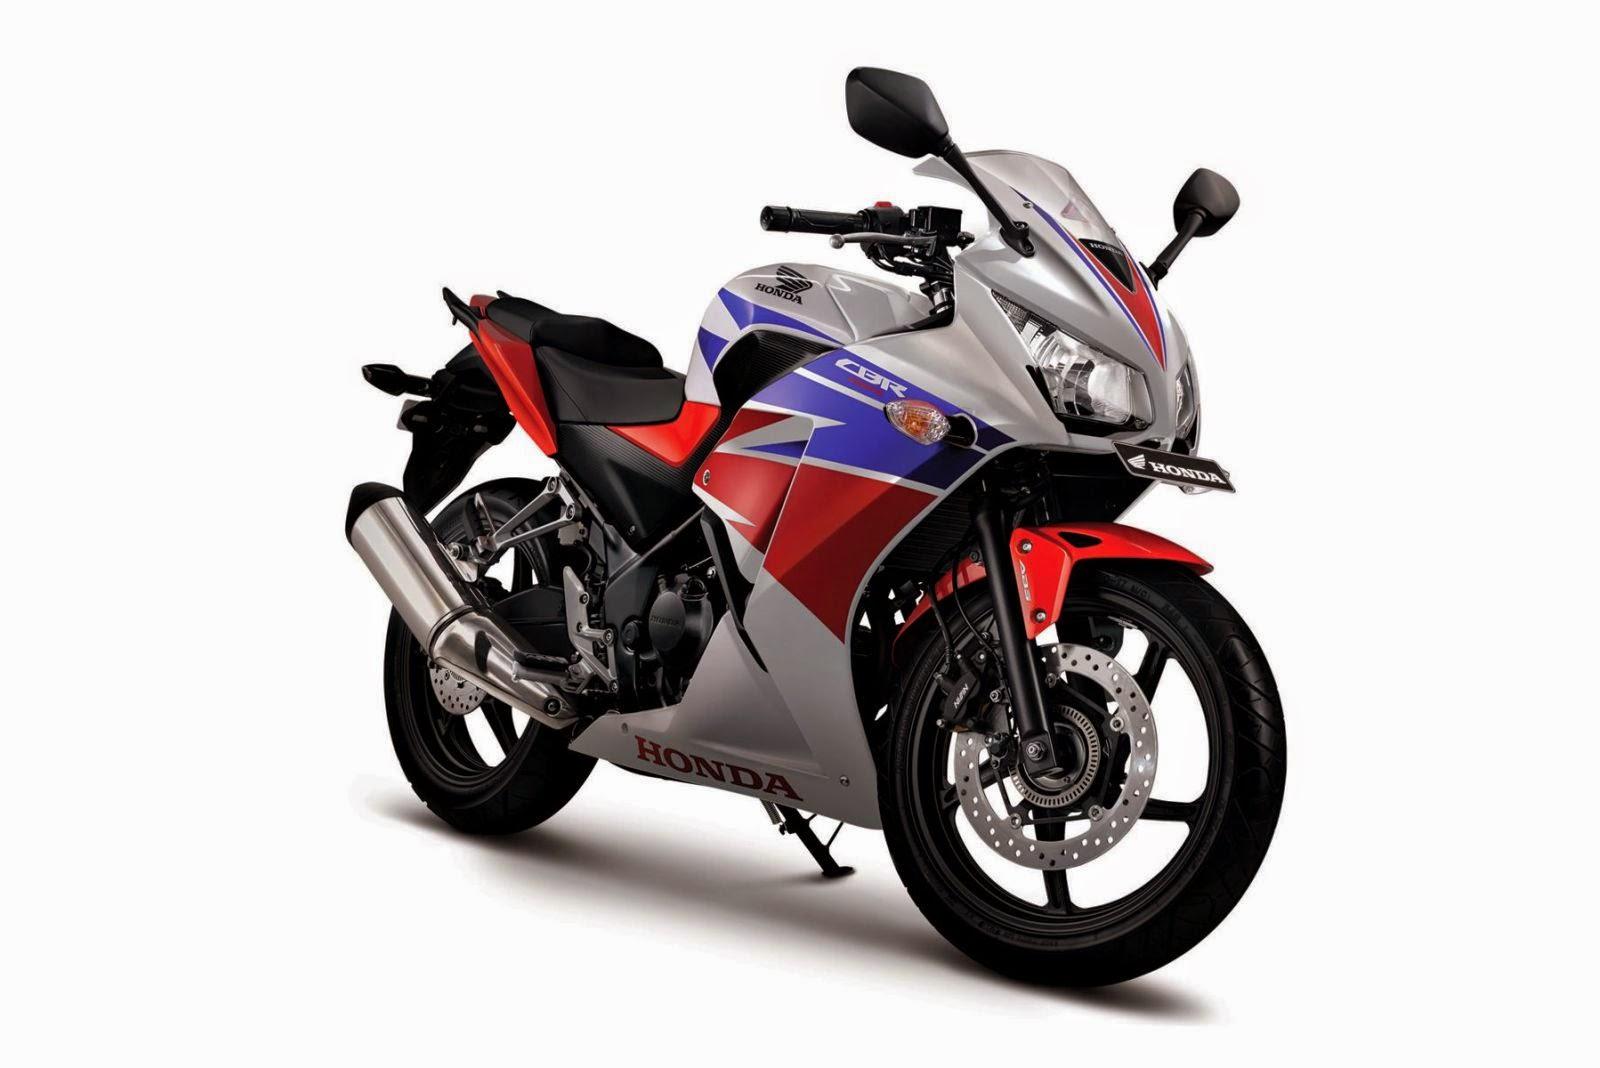 Harga Dan Spesifikasi Honda Cbr250r 1 Silinder